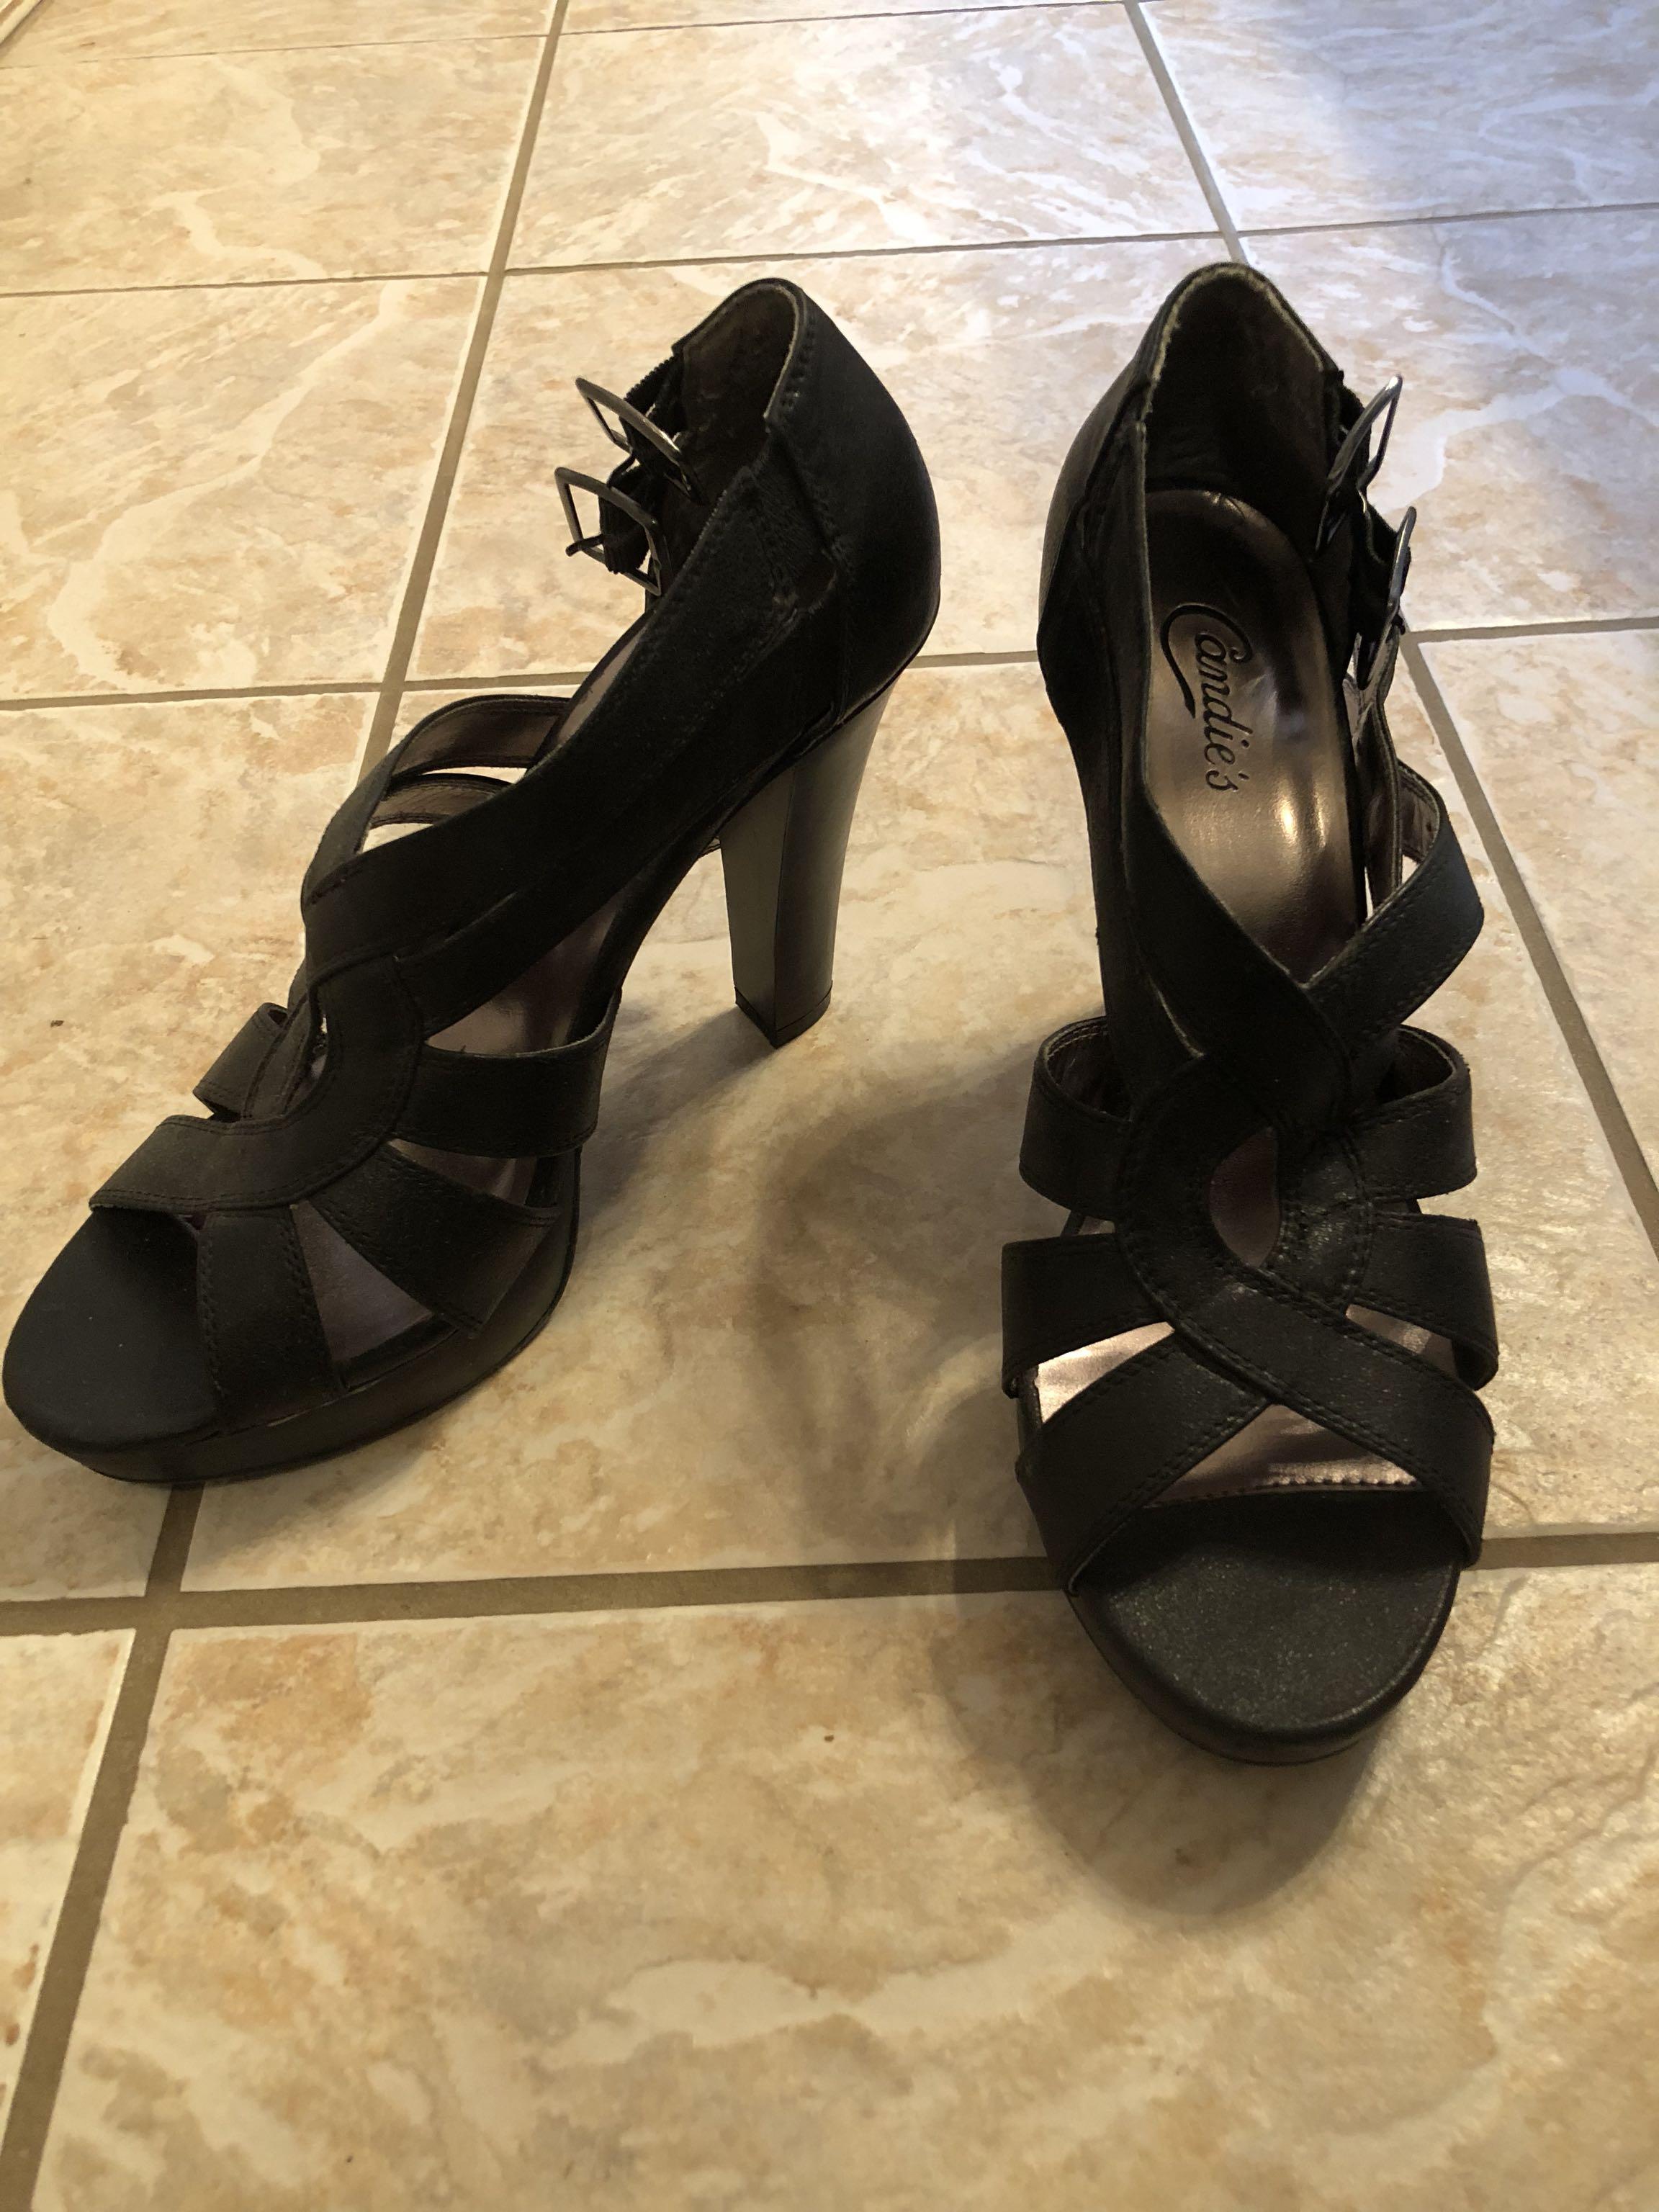 Candies heels. Size 9.5